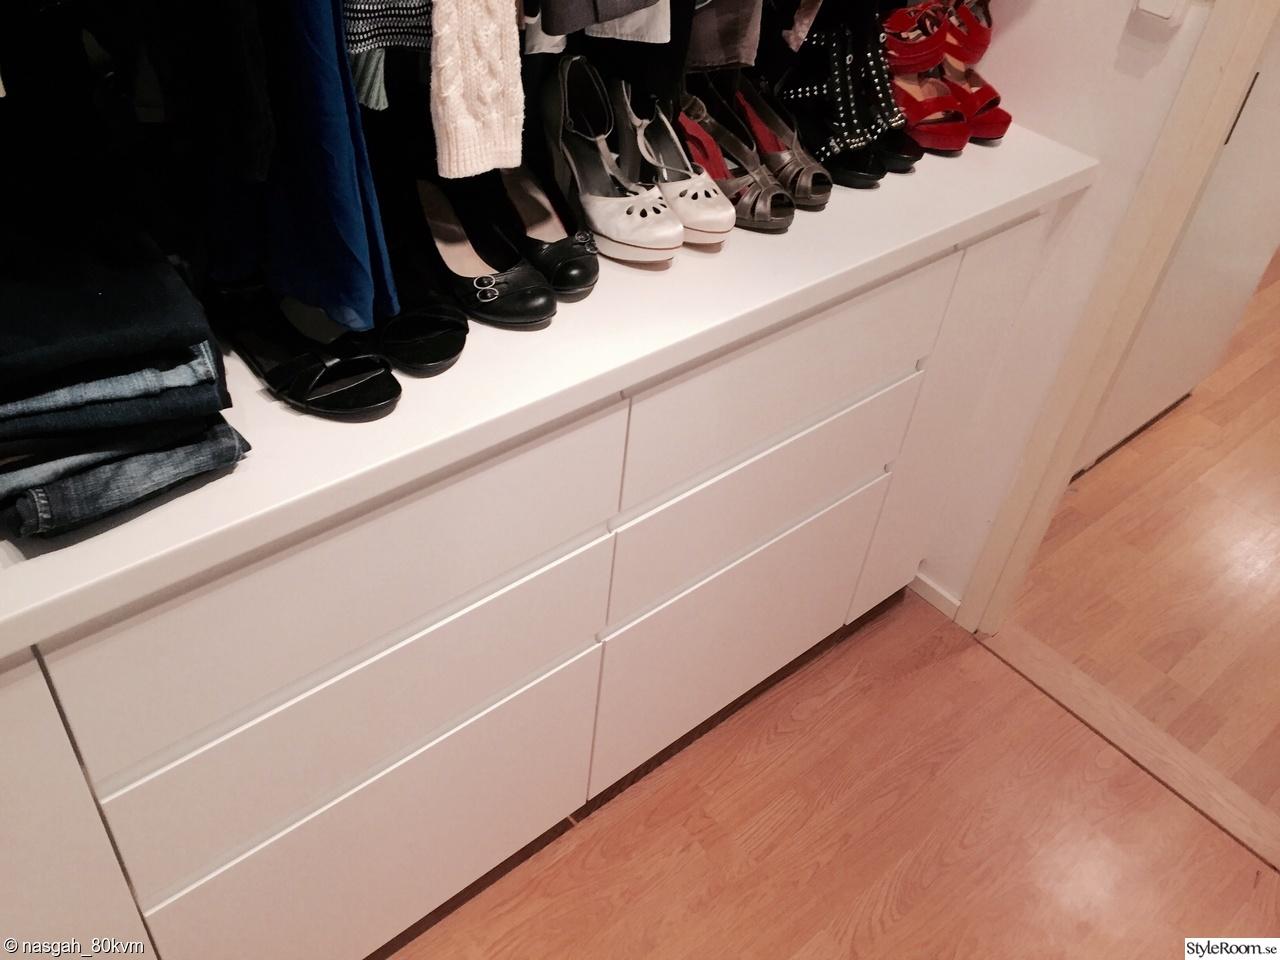 Walk in closet ett inredningsalbum p styleroom av nas gah for Cuisine voxtorp